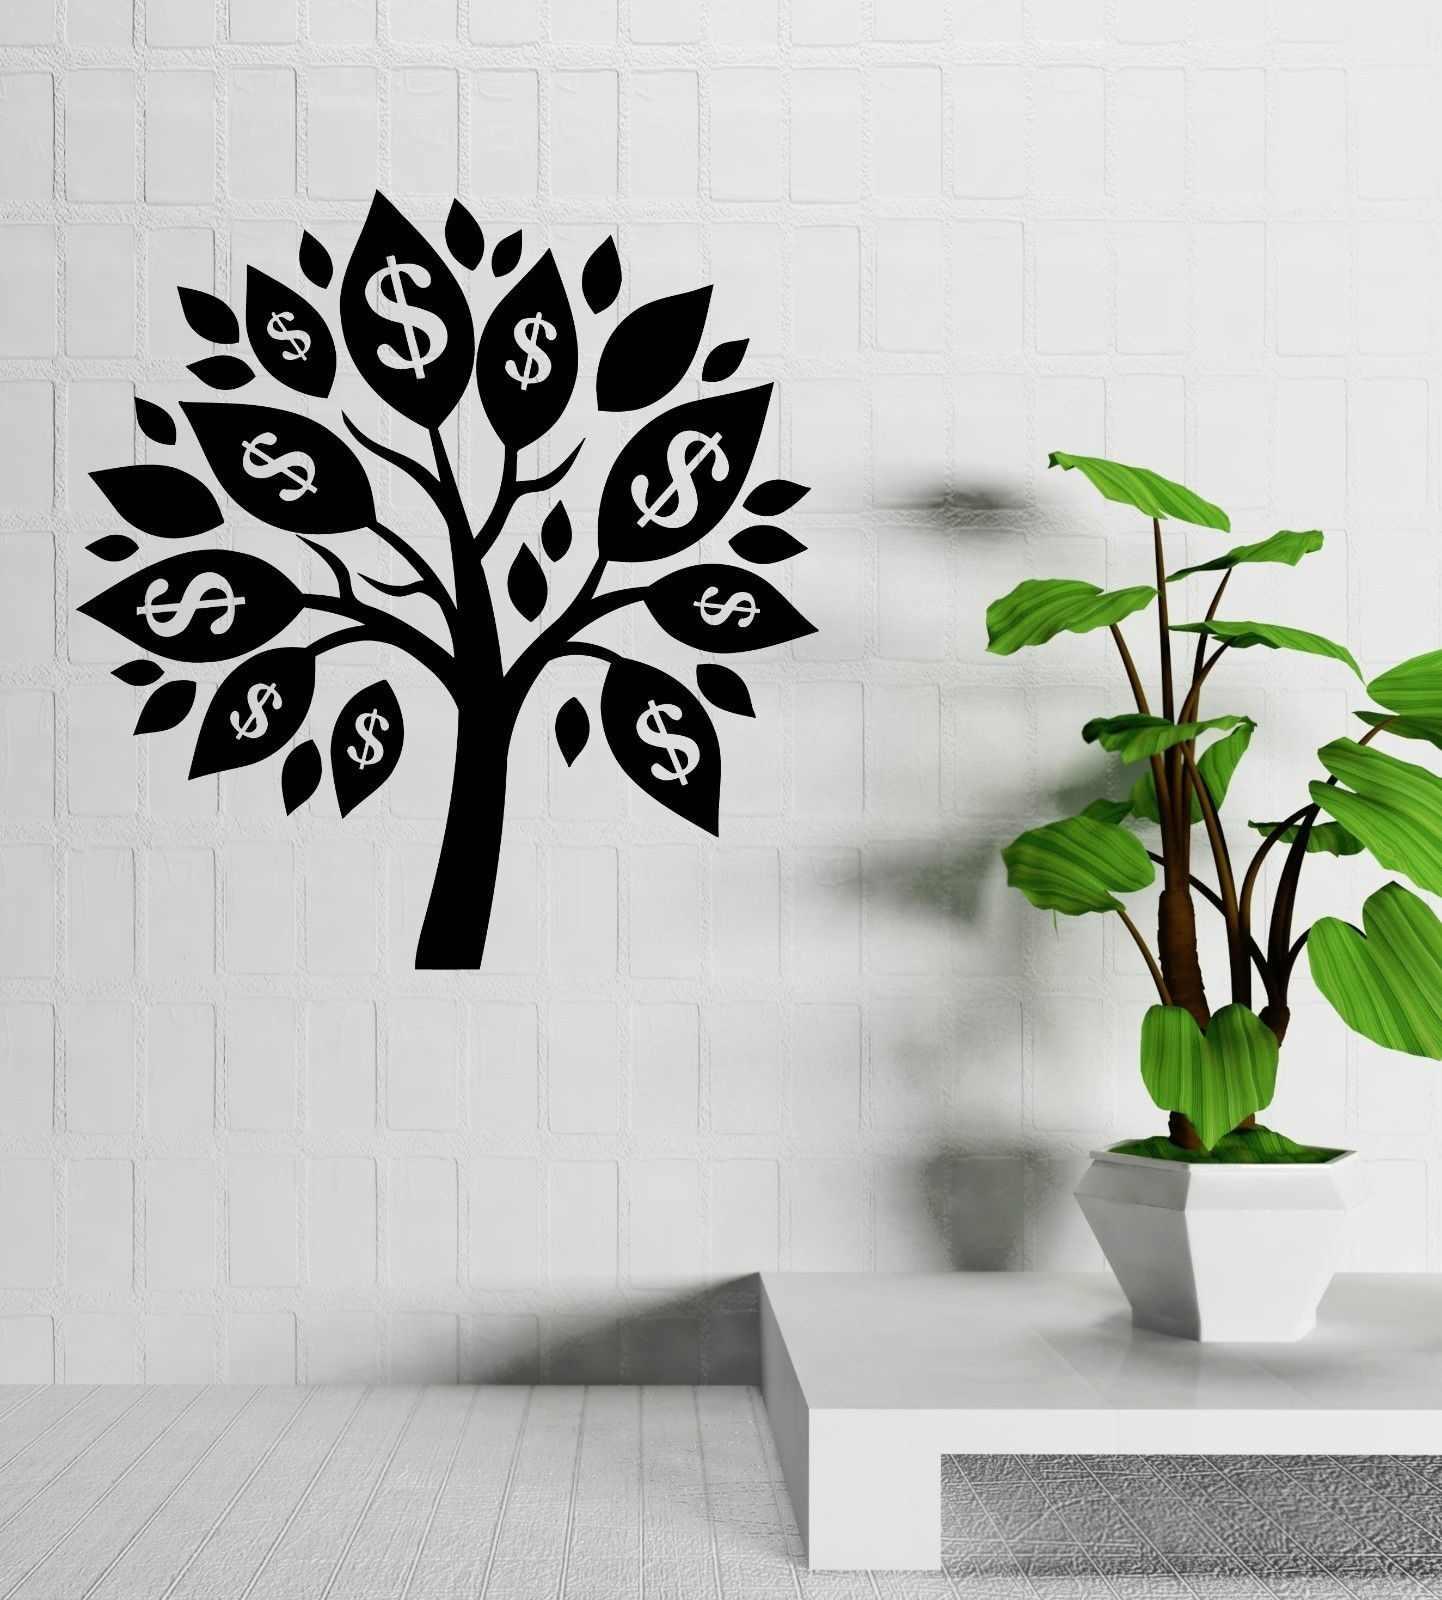 Argent arbre Talisman succès chambre décoration sticker Mural vinyle Stickers muraux pour magasins plante adhésif Art Mural SZ068